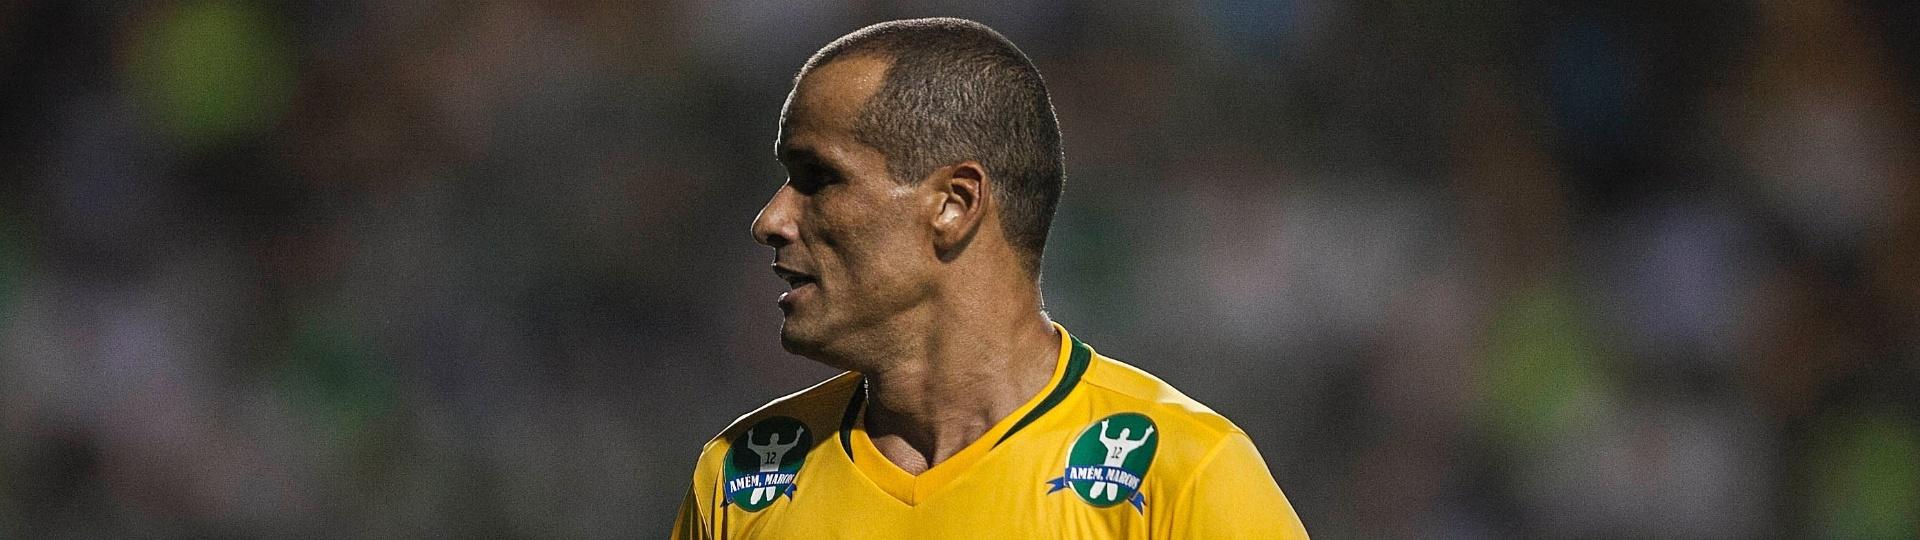 11.dez.2012- Rivaldo jogou pelo time da seleção de 2002 no jogo de despedida do goleiro Marcos do futebol